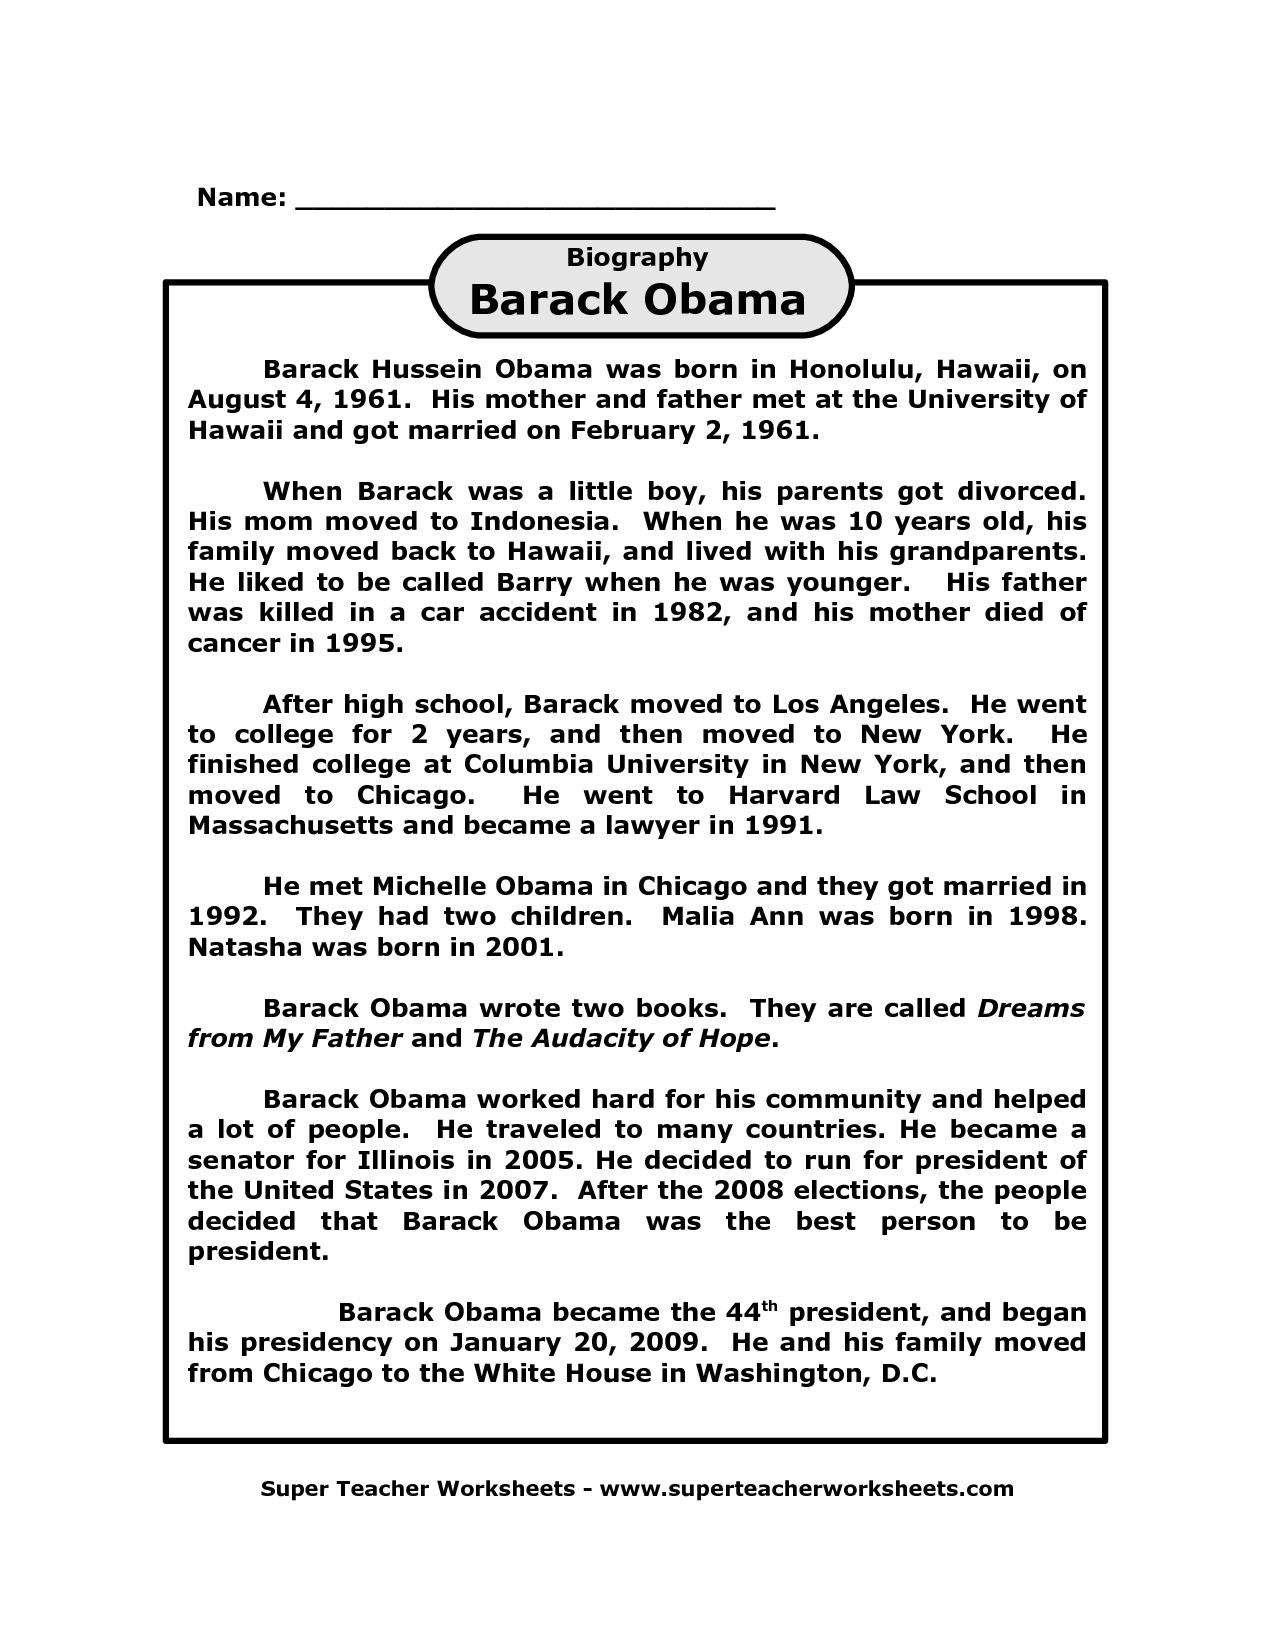 worksheet Hawaii Worksheets barack obama biography printable on super teacher worksheets com com